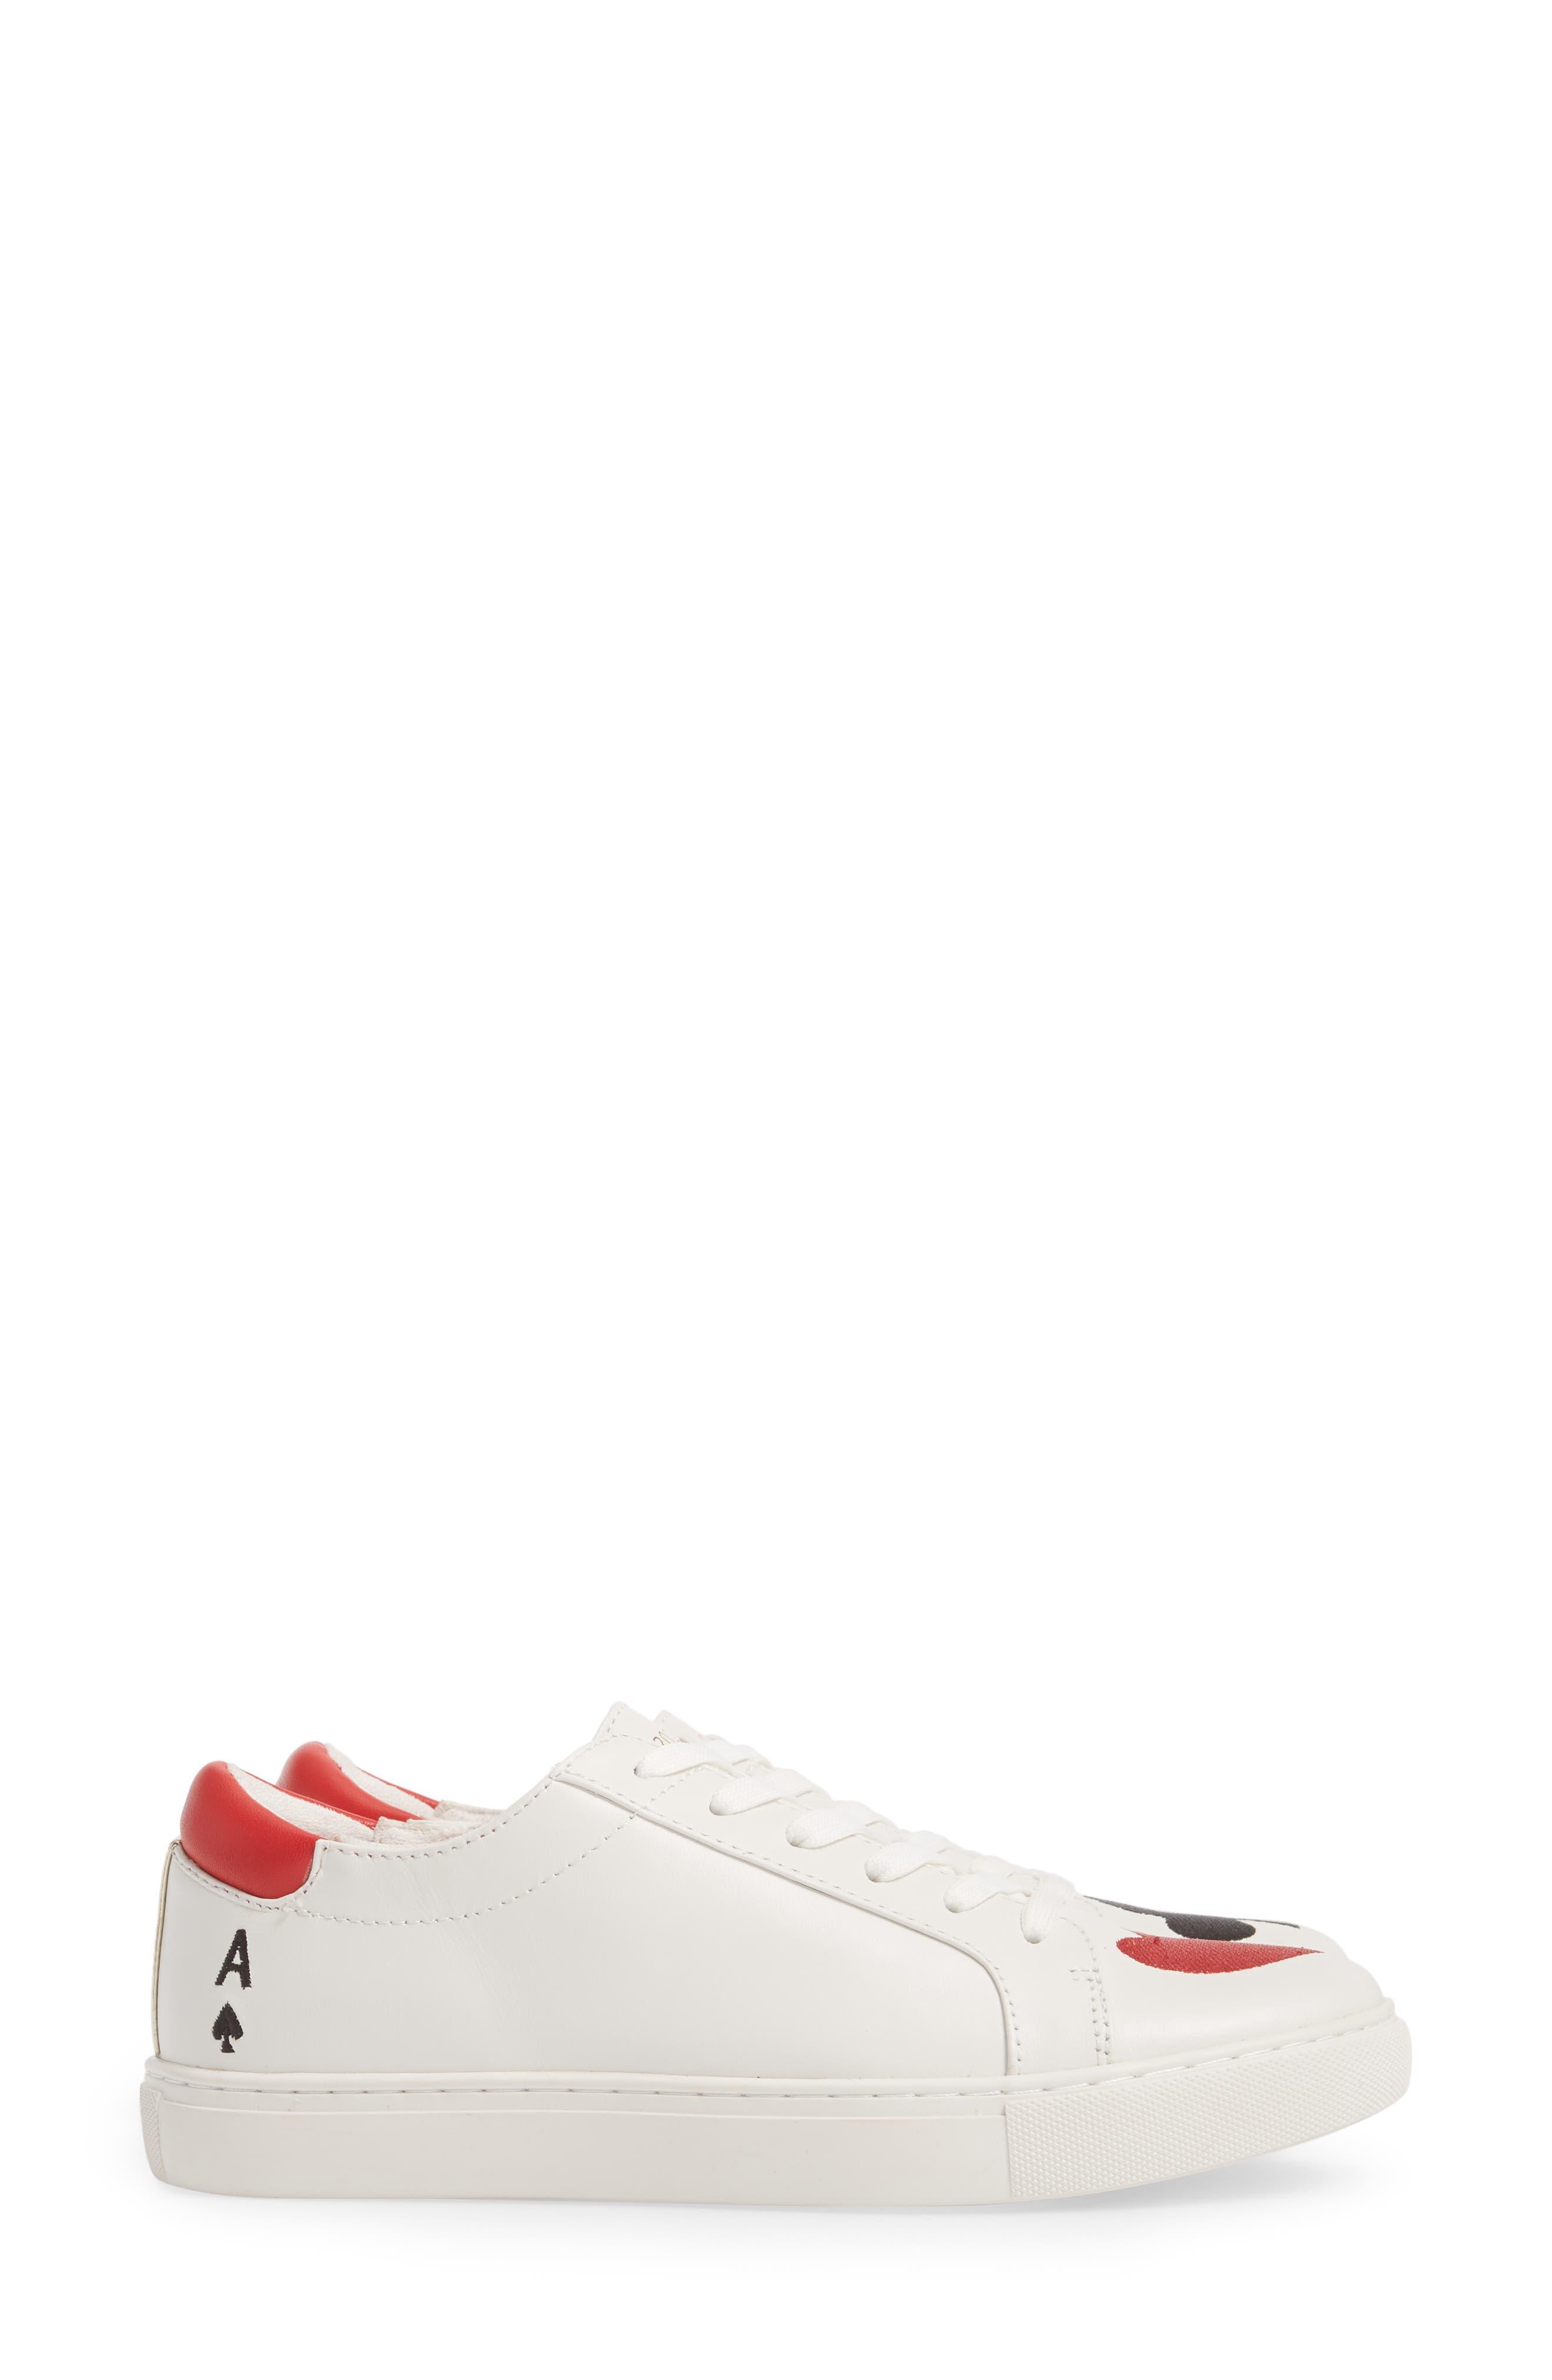 'Kam' Sneaker,                             Alternate thumbnail 4, color,                             White Red Black Leather